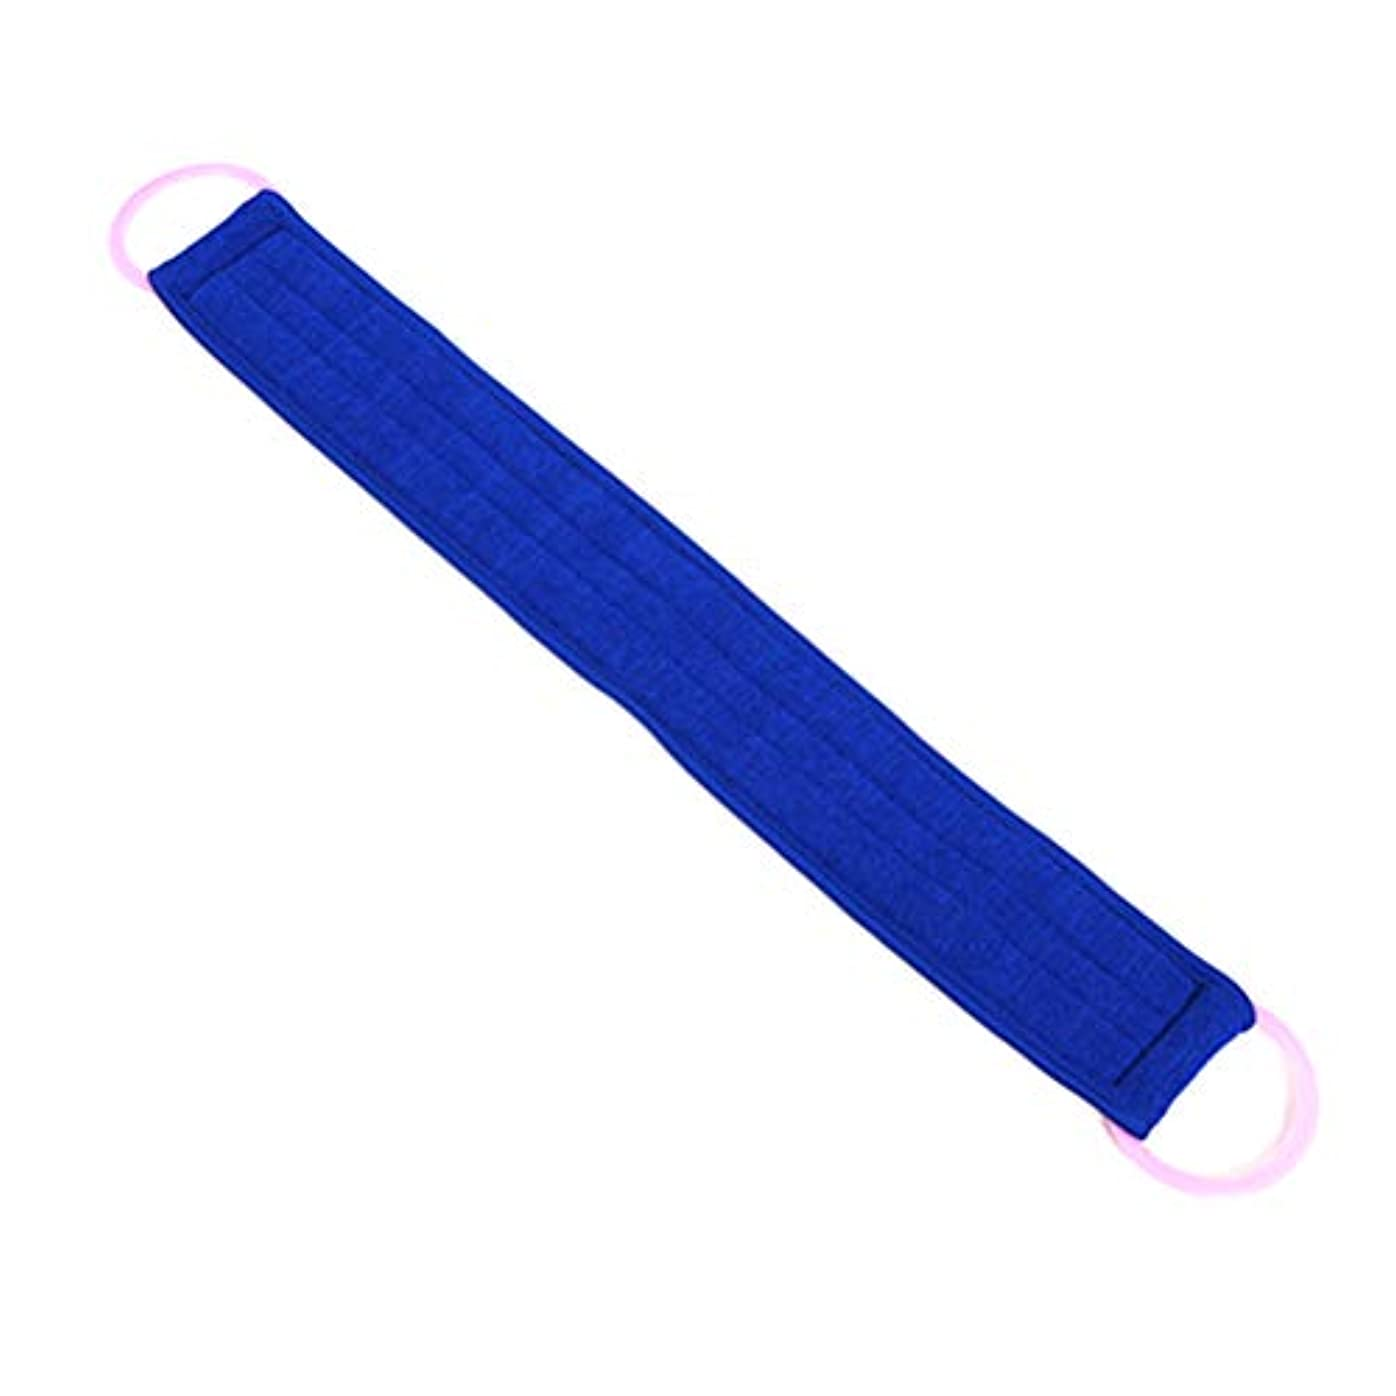 病気の砂見物人Lurrose バスラブブラシエクスフォリエイトプルバックストリップラブバックベルトチョッピングバンドバスタオル(ブルー)